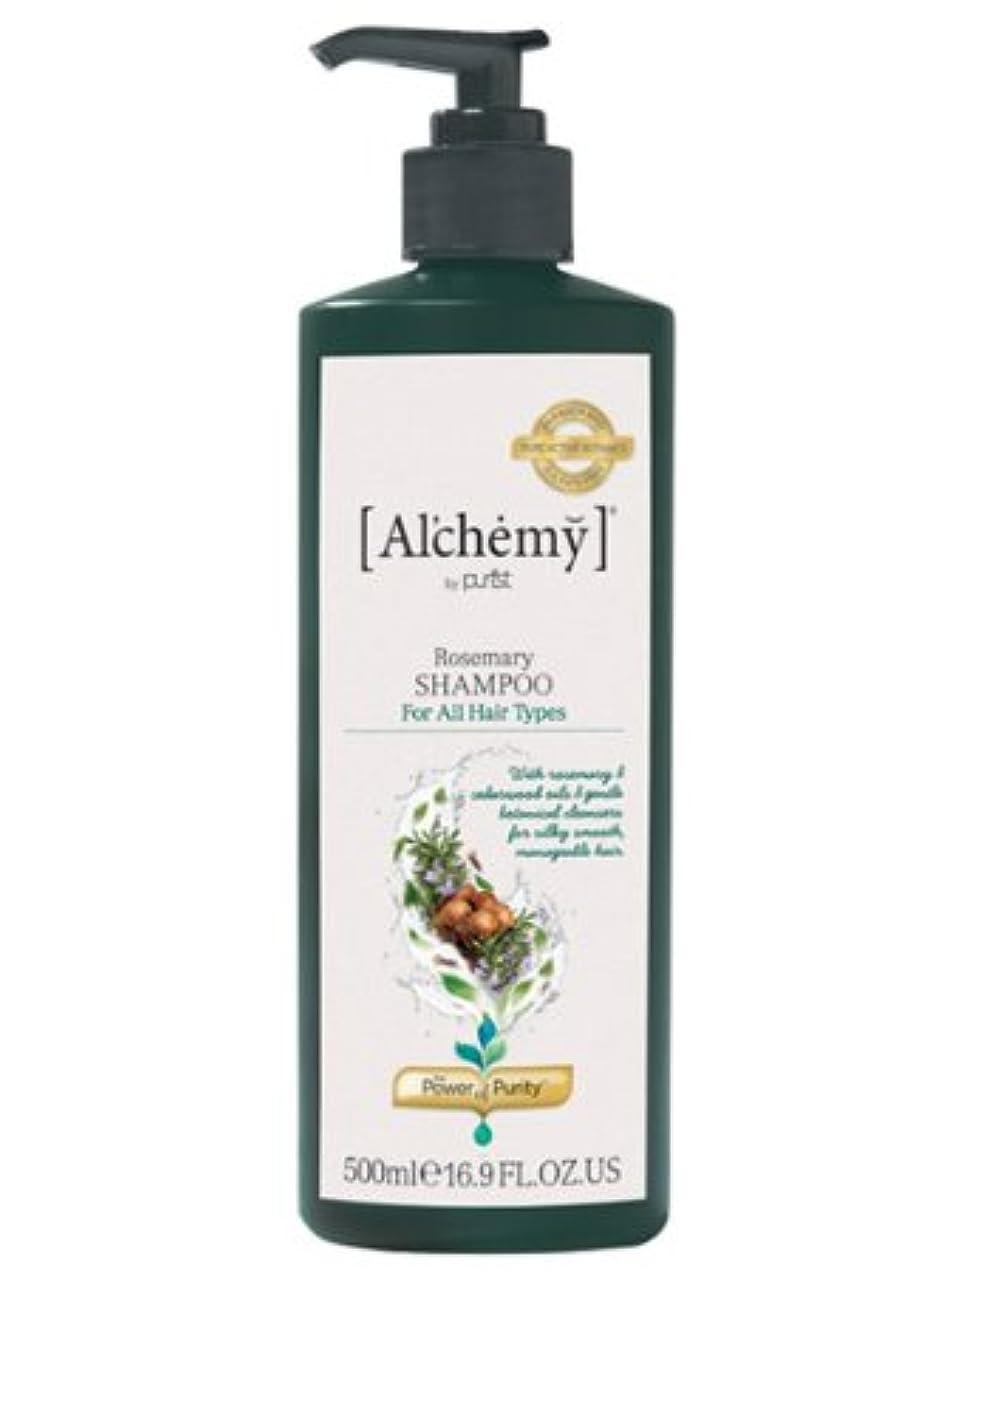 アマチュア勤勉なミルク【Al'chemy(alchemy)】アルケミー ローズマリーシャンプー(Rosemary Shampoo)(ノーマル髪用)500ml